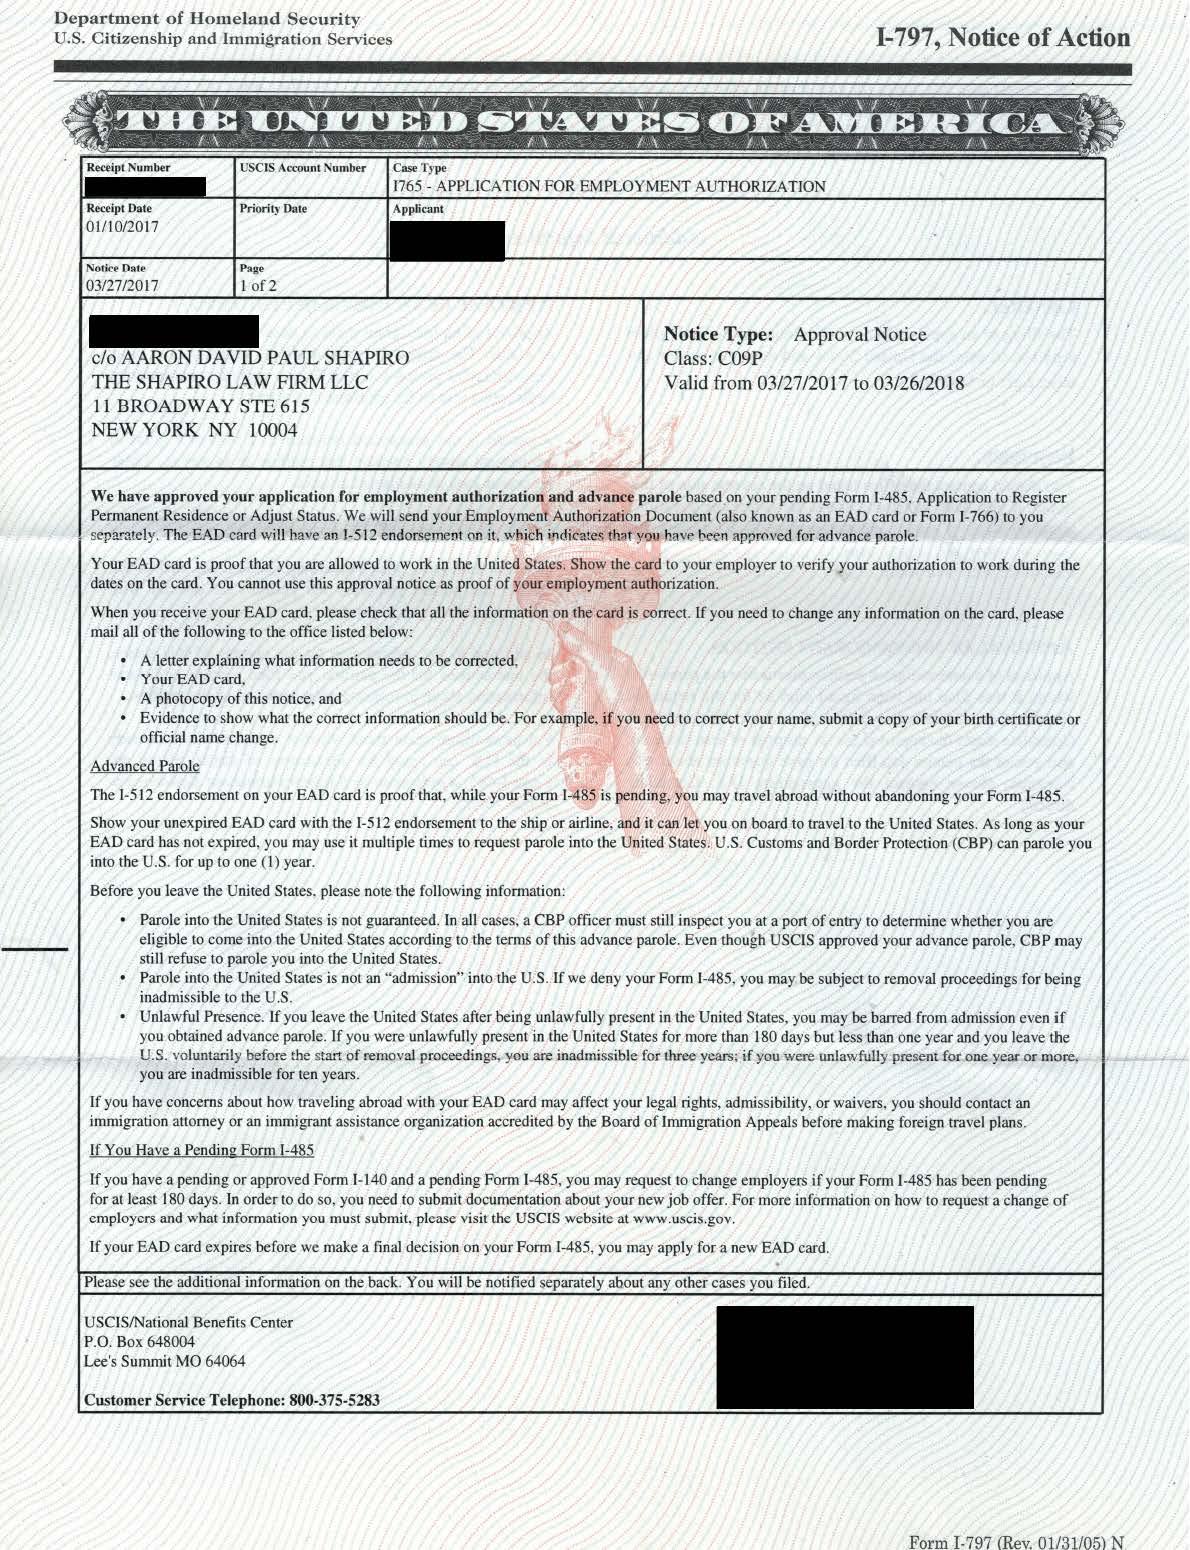 Form I-797, I-765 Approval Notice